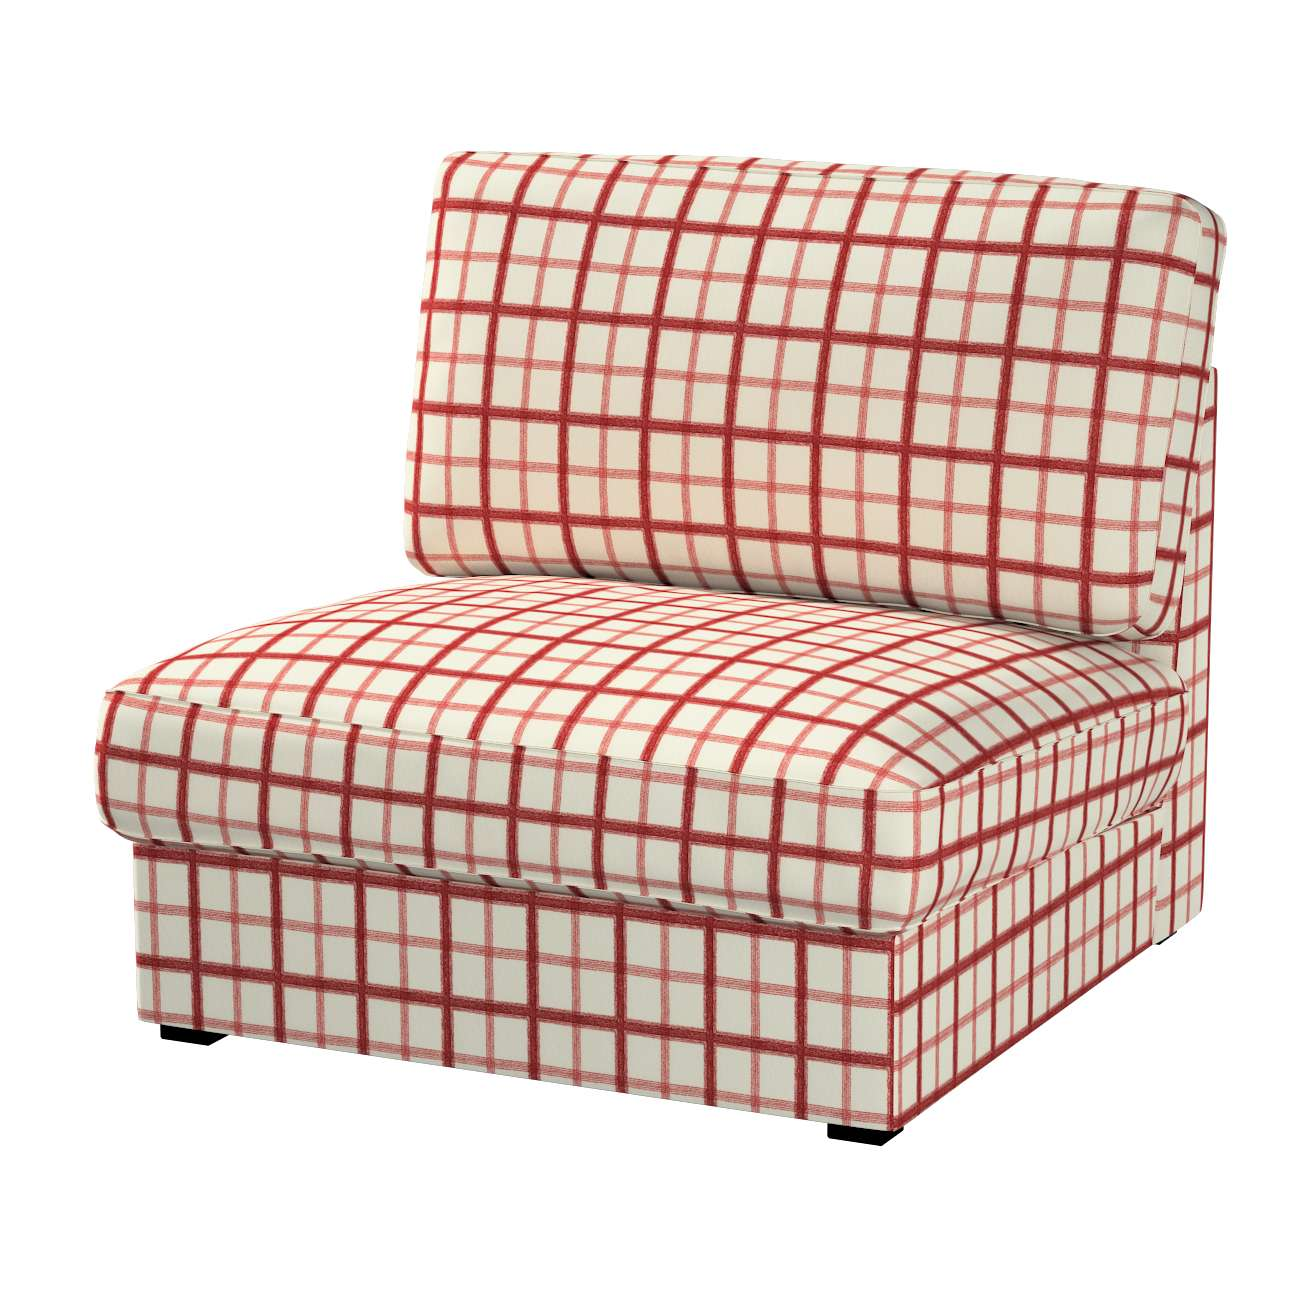 Kivik päällinen nojatuoli mallistosta Avinon, Kangas: 131-15